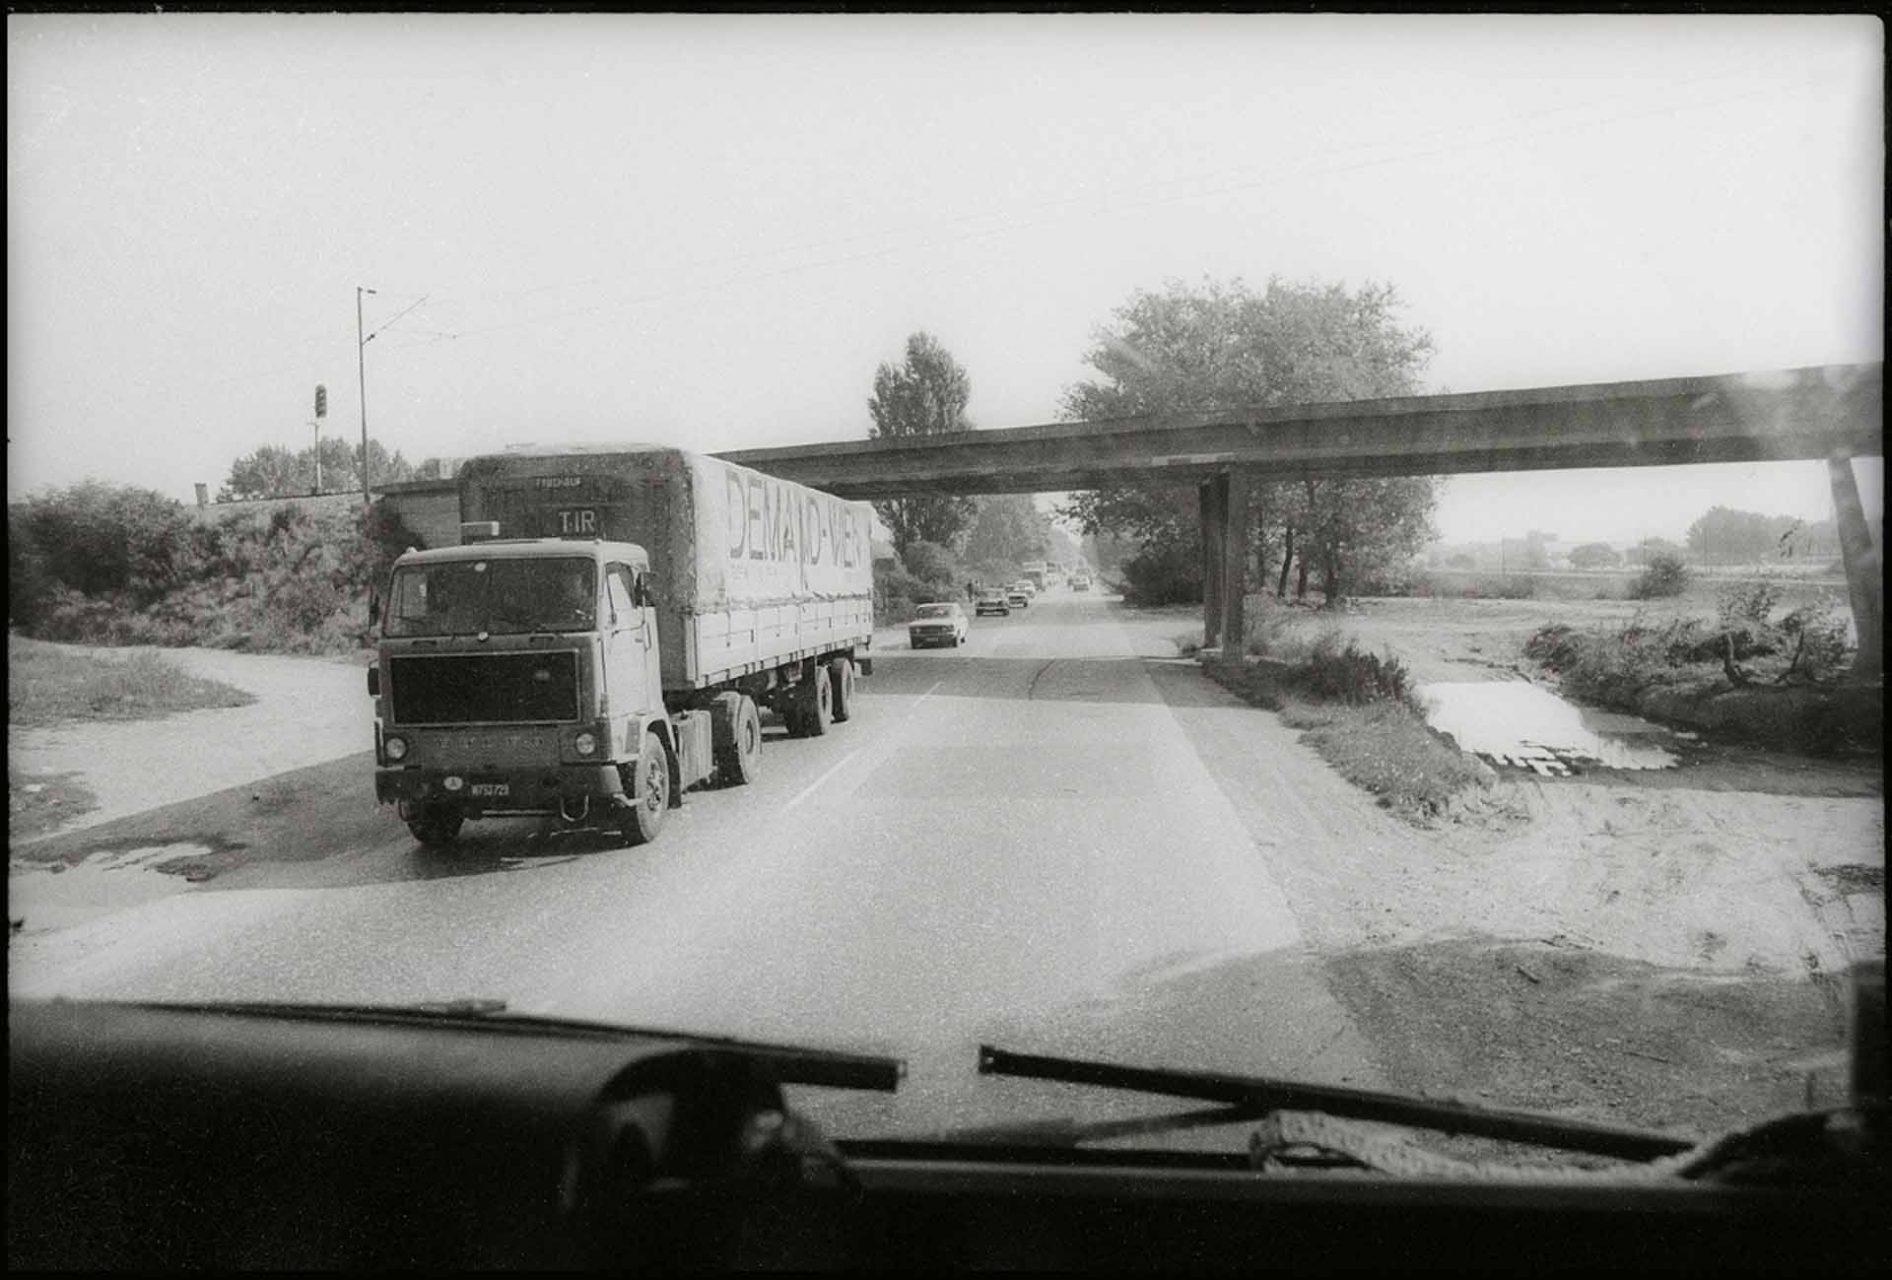 Eine schier endlose Fahrt durch Jugoslawien beginnt, über den mörderischen, völlig überlasteten Autoput. Der gesamte Verkehr nach Asien, Türkei, Iran, Naher Osten und Griechenland läuft über diese streckenweise nur zweispurige Landstrasse